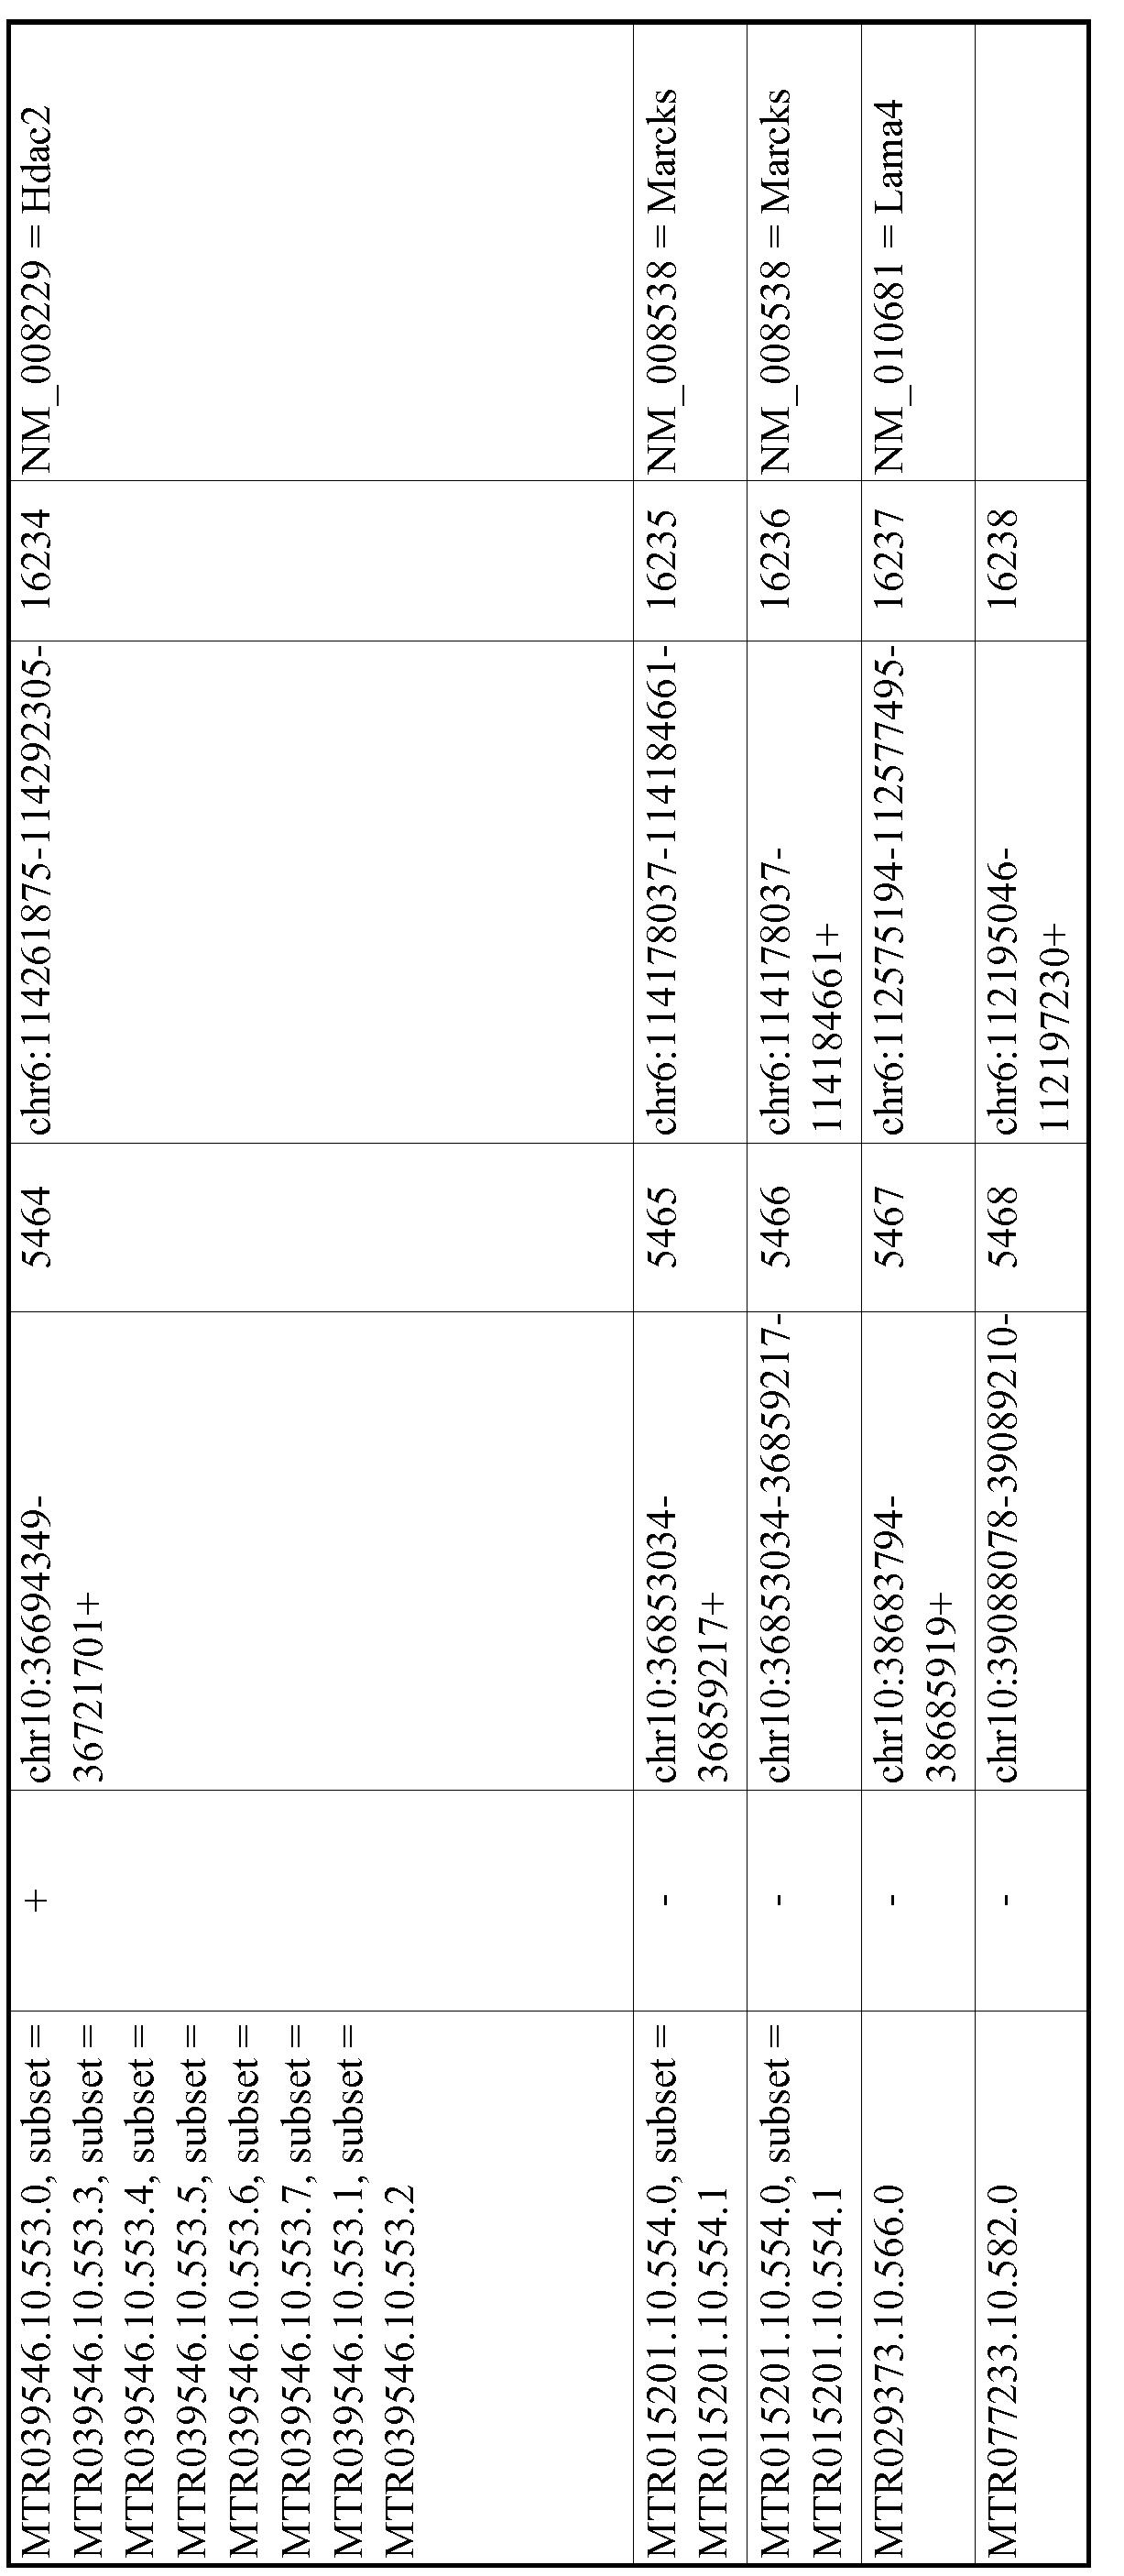 Figure imgf000984_0001